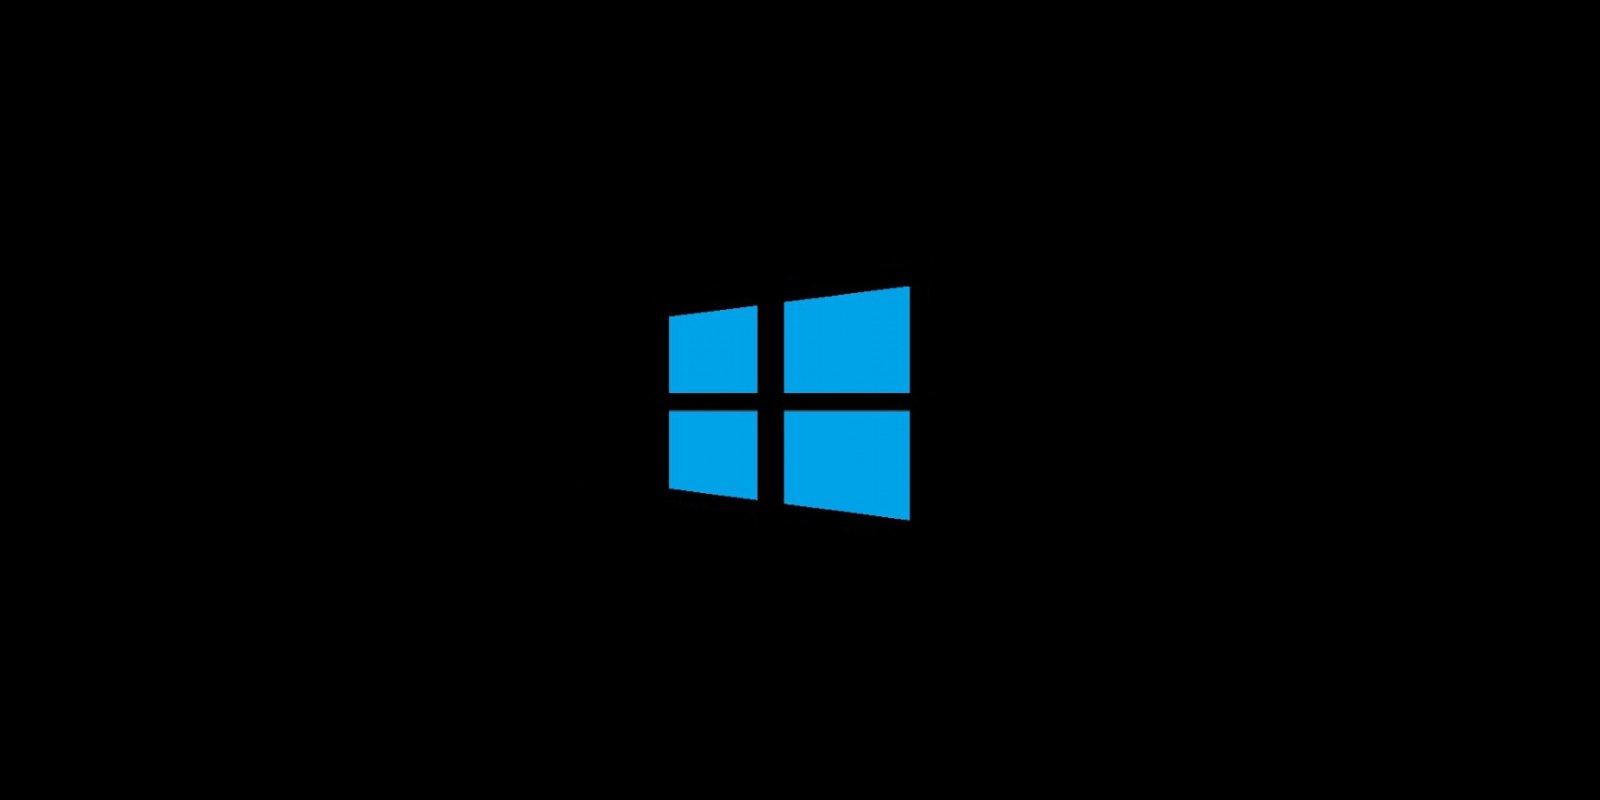 Las actualizaciones del controlador Intel corrigen los BSOD de Windows 10, problemas de Bluetooth